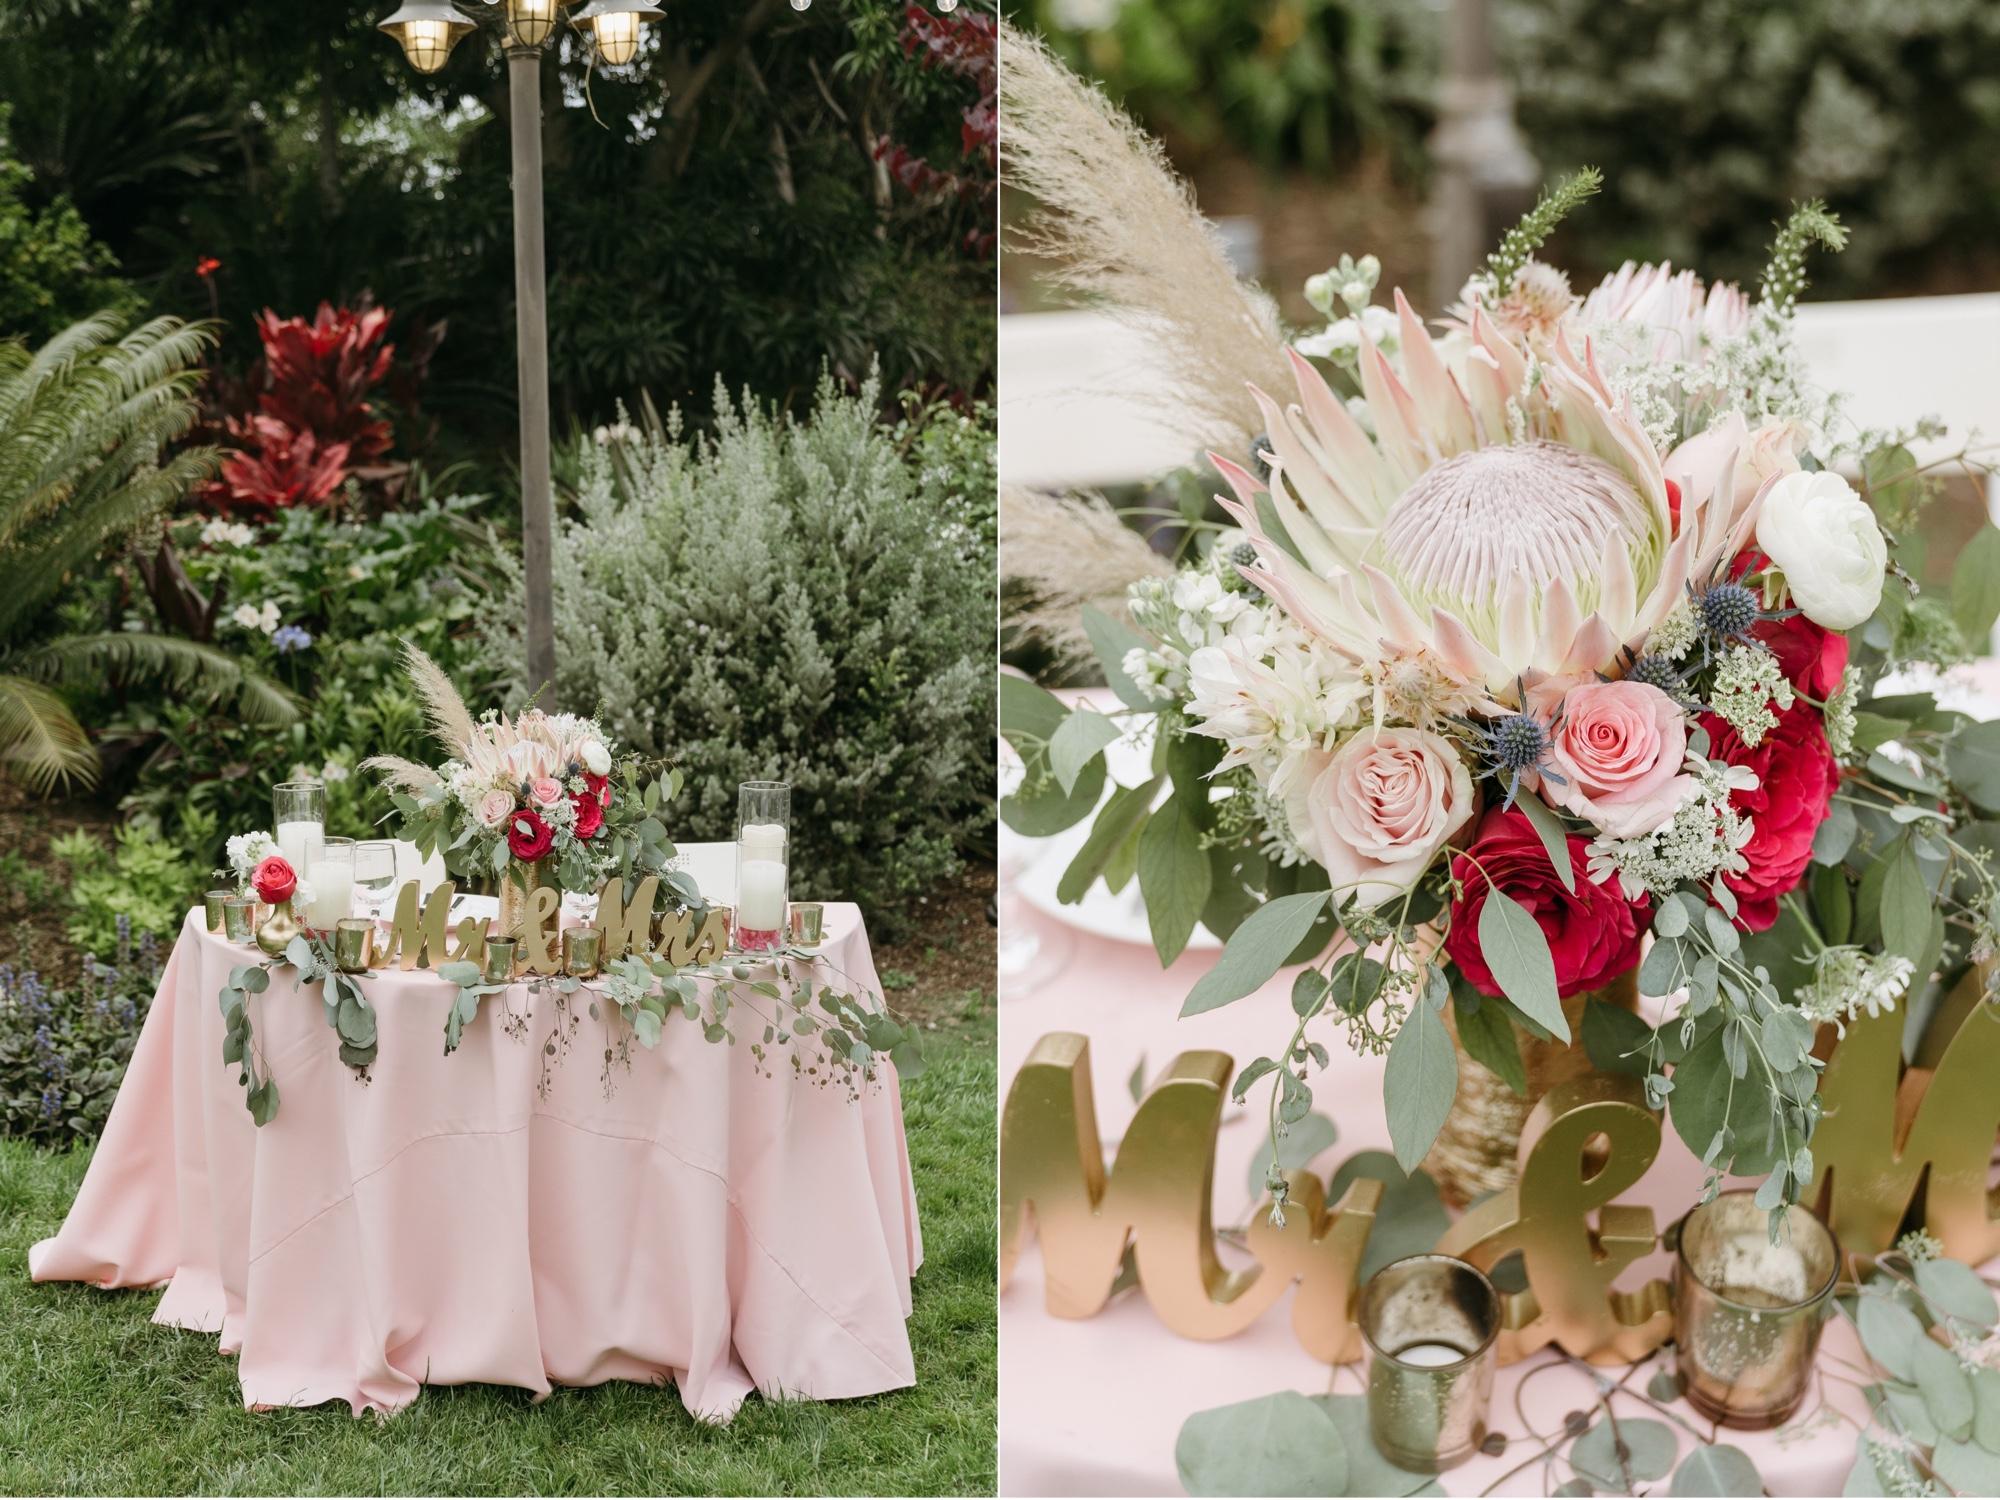 054_Shawna and Steve's Wedding-339_Shawna and Steve's Wedding-341.jpg